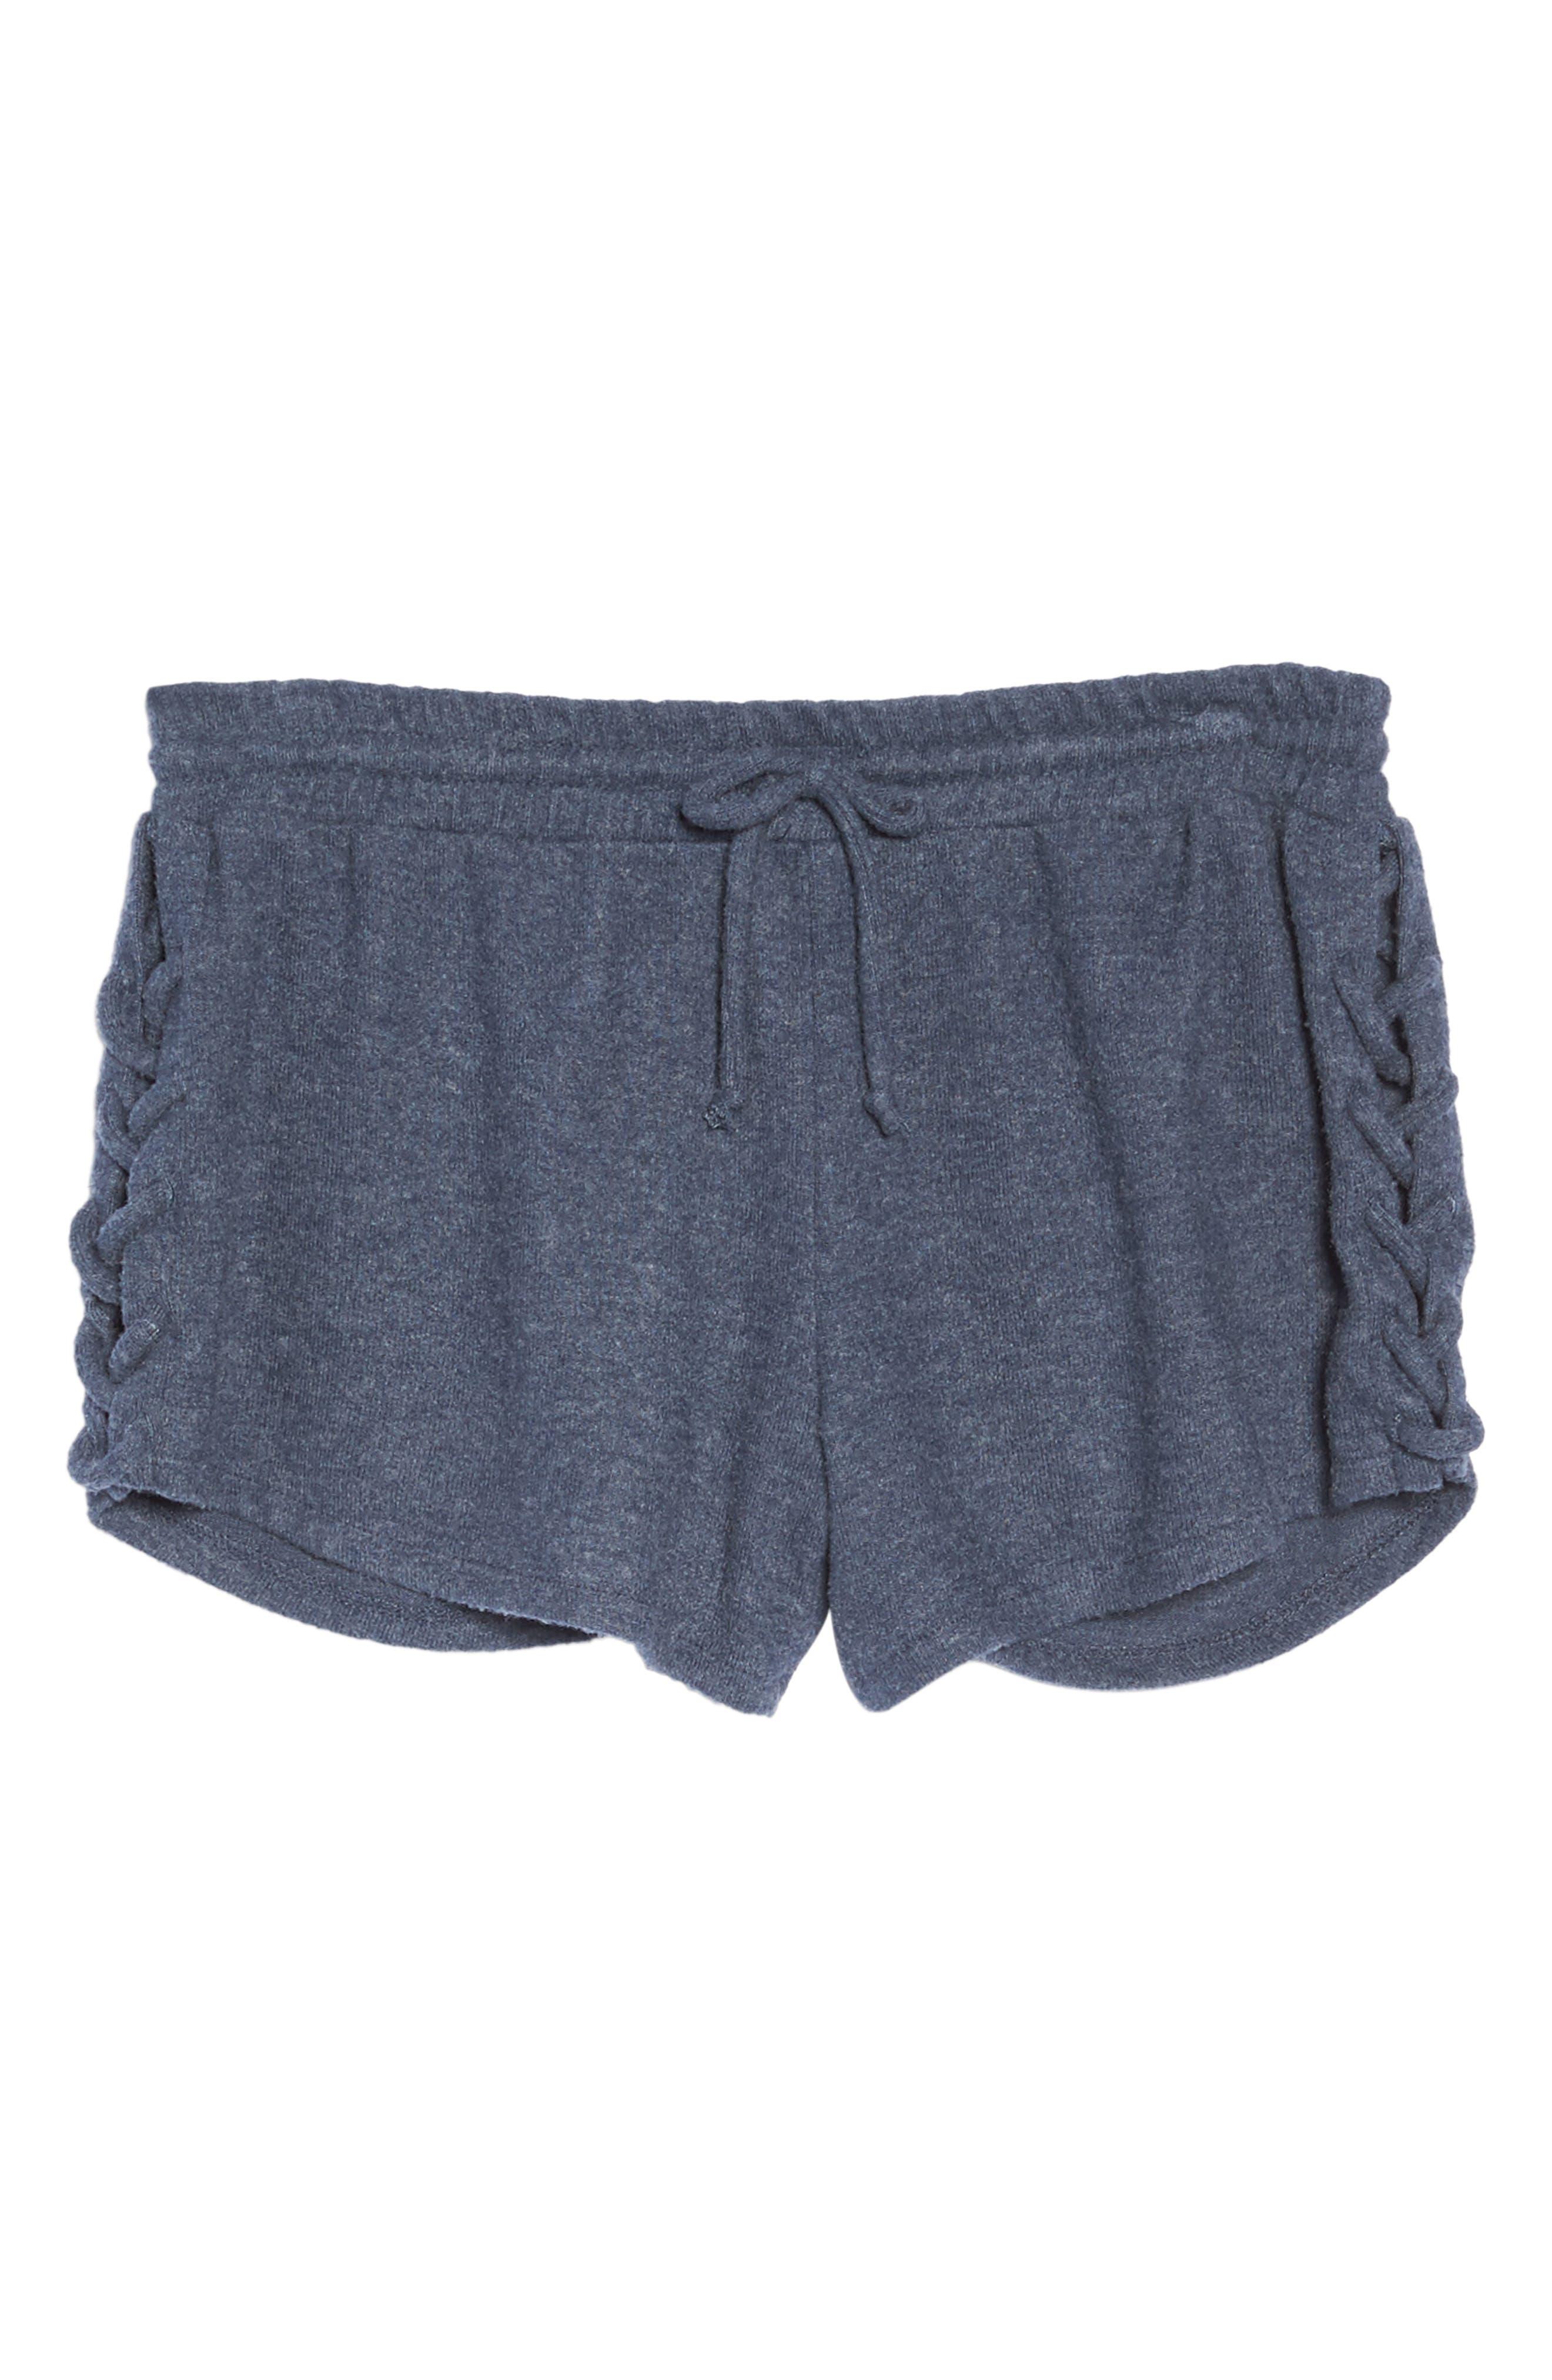 Love Shorts,                             Alternate thumbnail 6, color,                             402